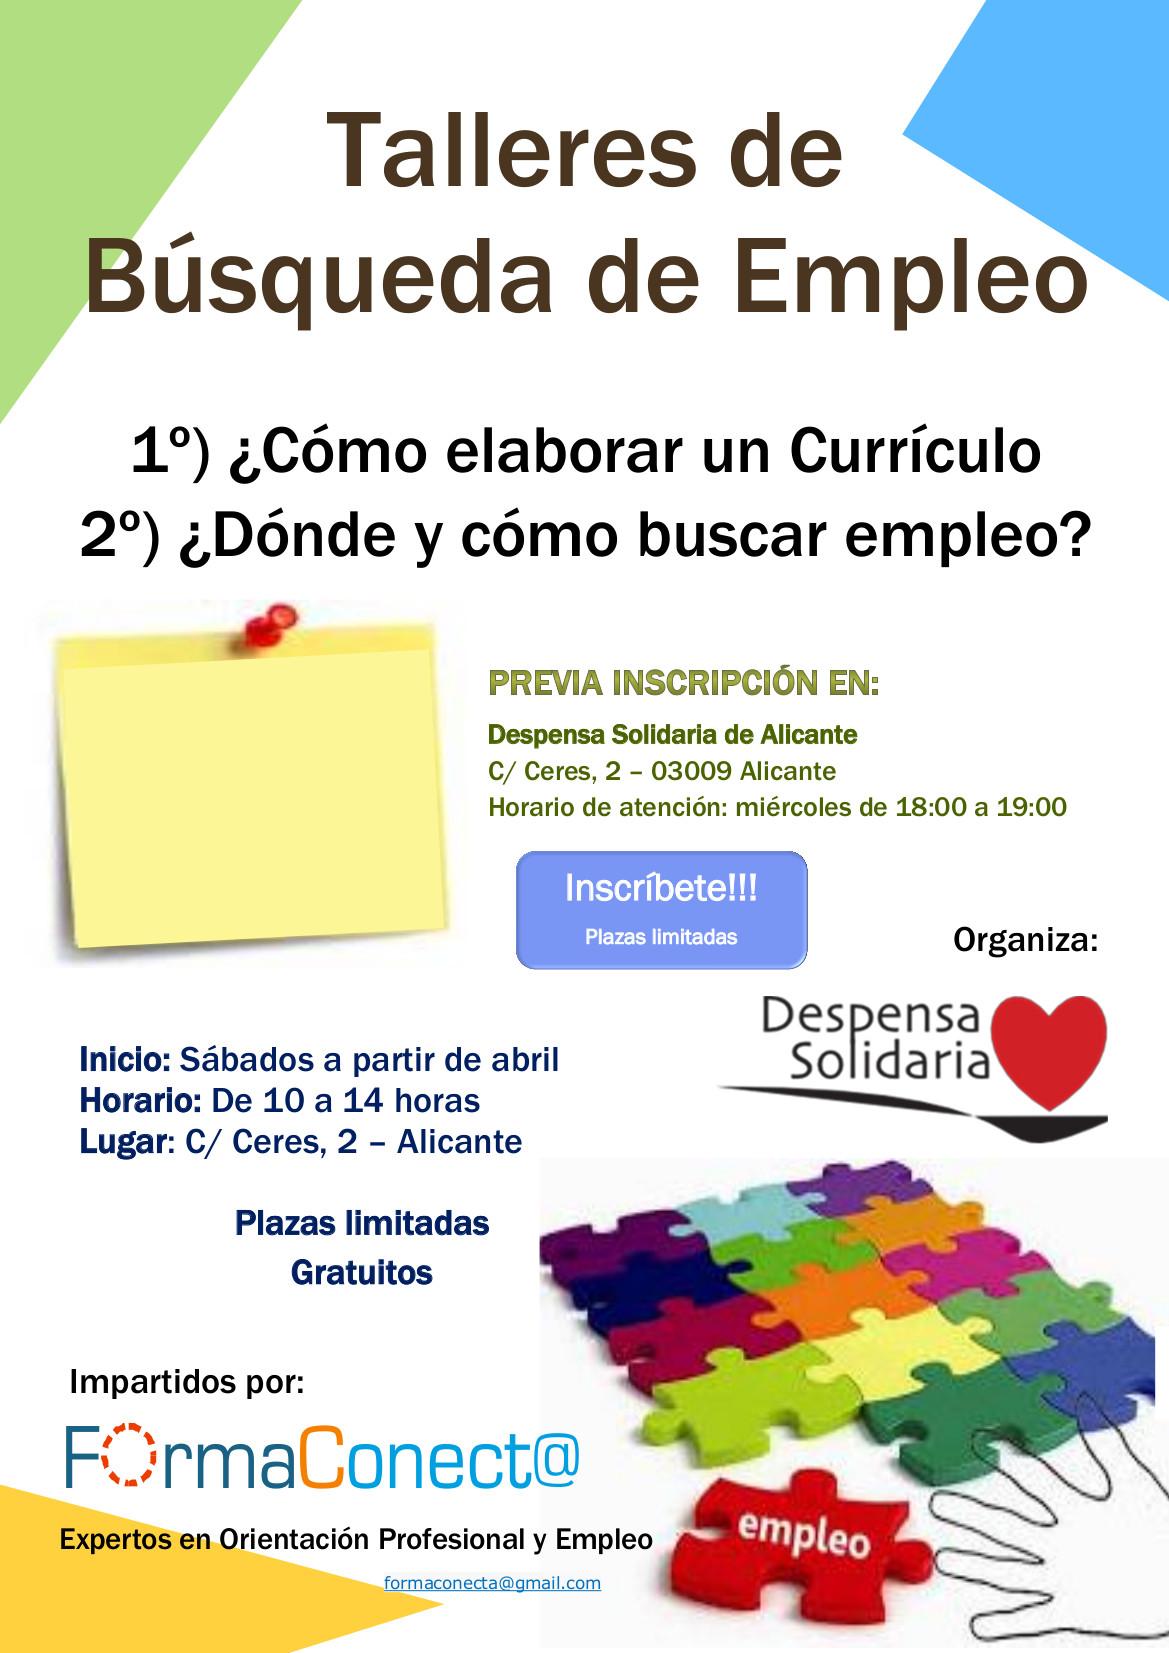 Talleres para la búsqueda de empleo - Despensa solidaria de Alicante